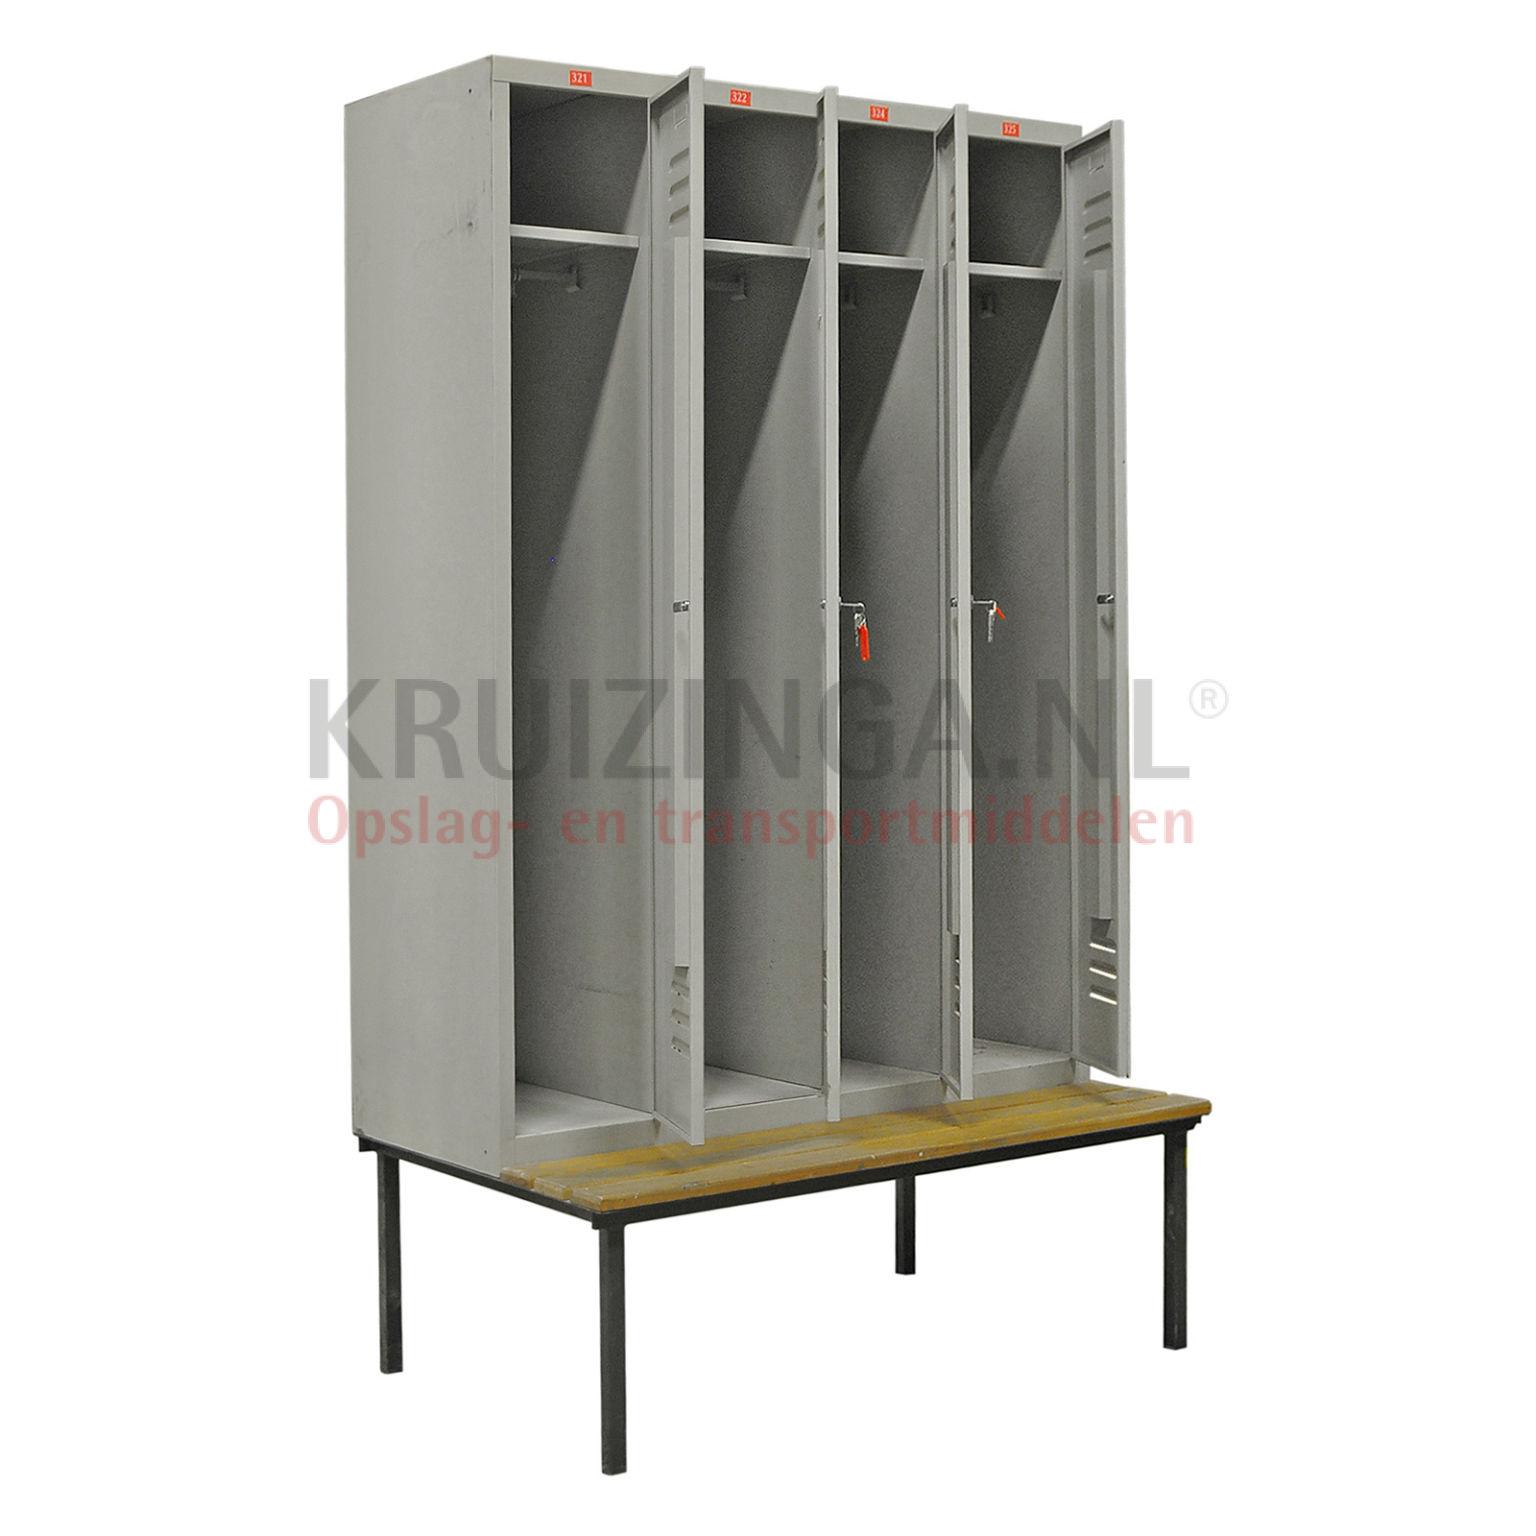 Schrank schlie fachschrank 4 t ren zylinderschloss for Schrank gebraucht